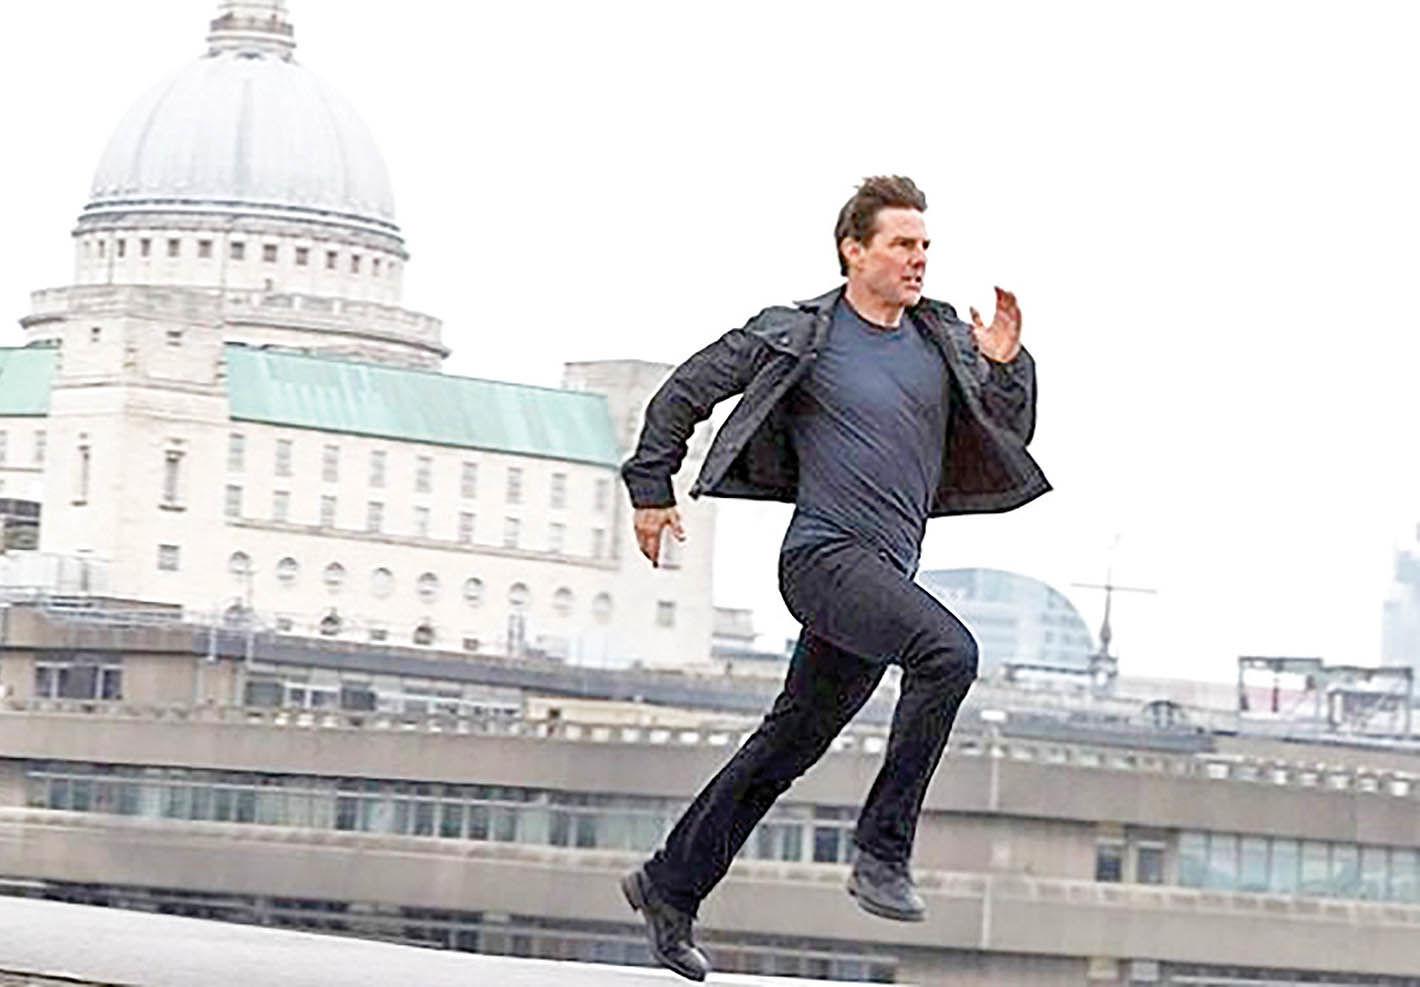 بازگشت تام کروز به روزهای اوج با «ماموریت غیرممکن»